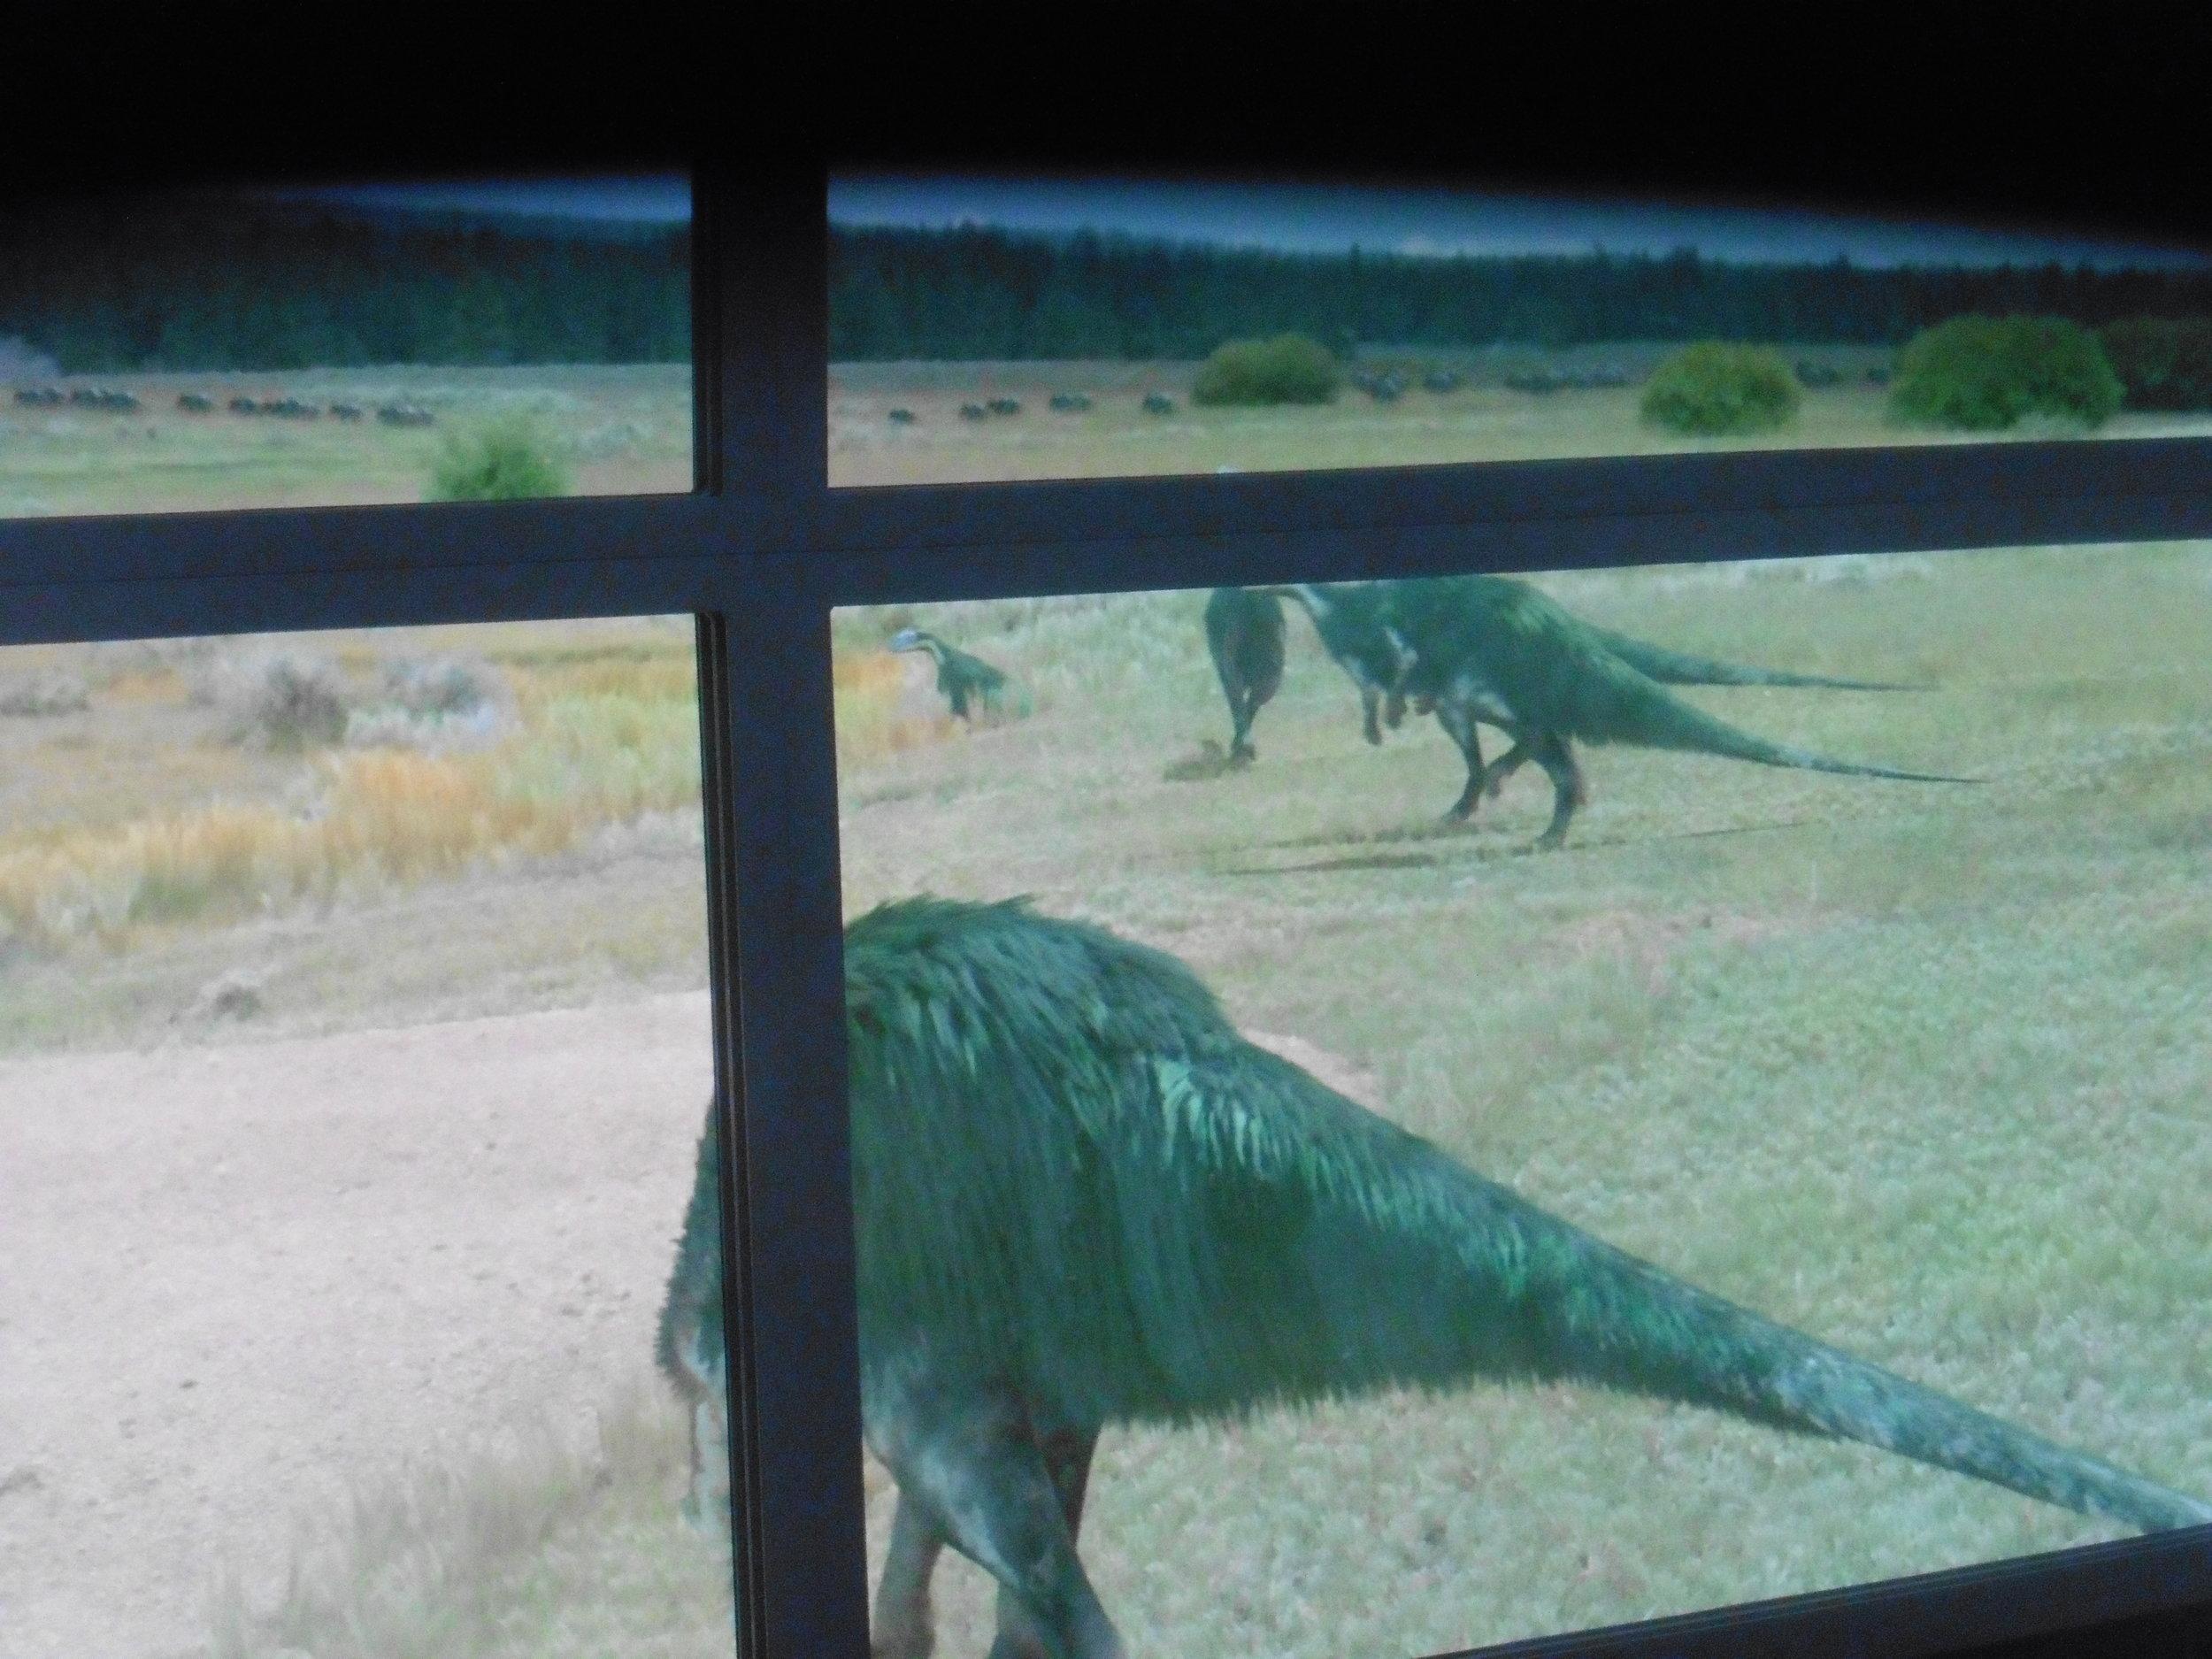 2018-06-01 12.43.46dinosaurs.jpg